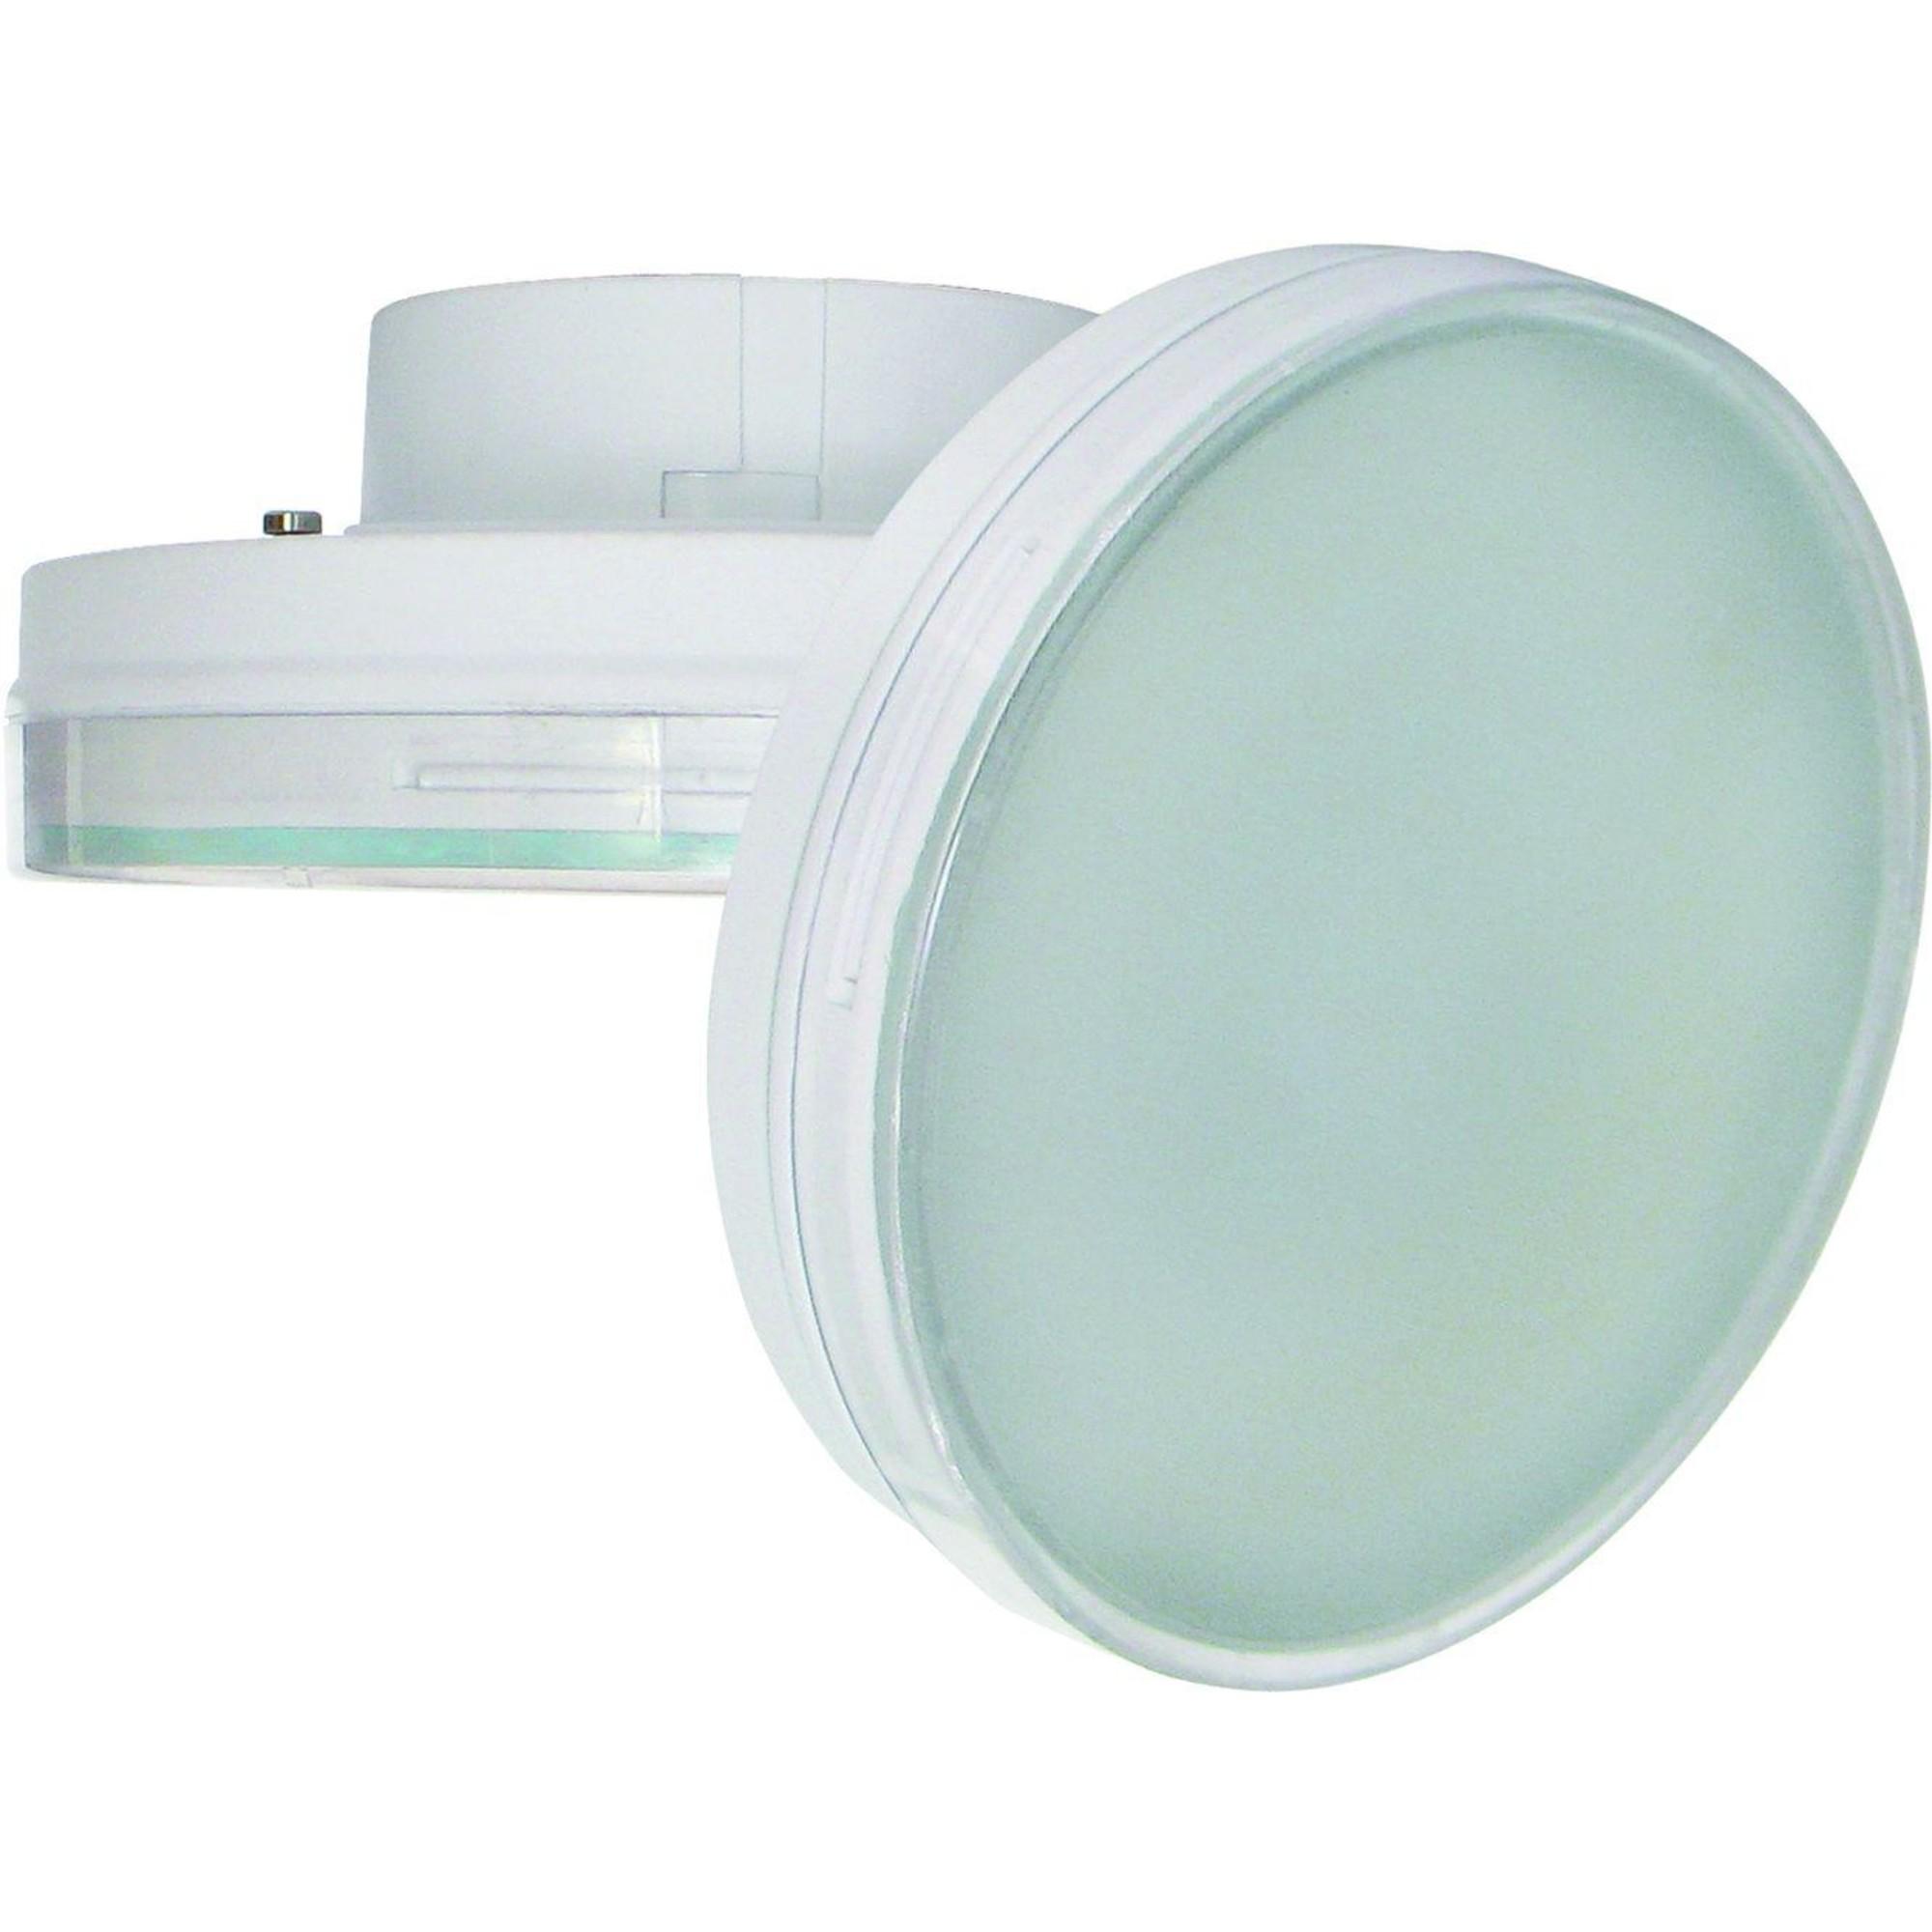 Лампа Ecola стандарт светодионая GX70 10 Вт таблетка 800 Лм теплый свет